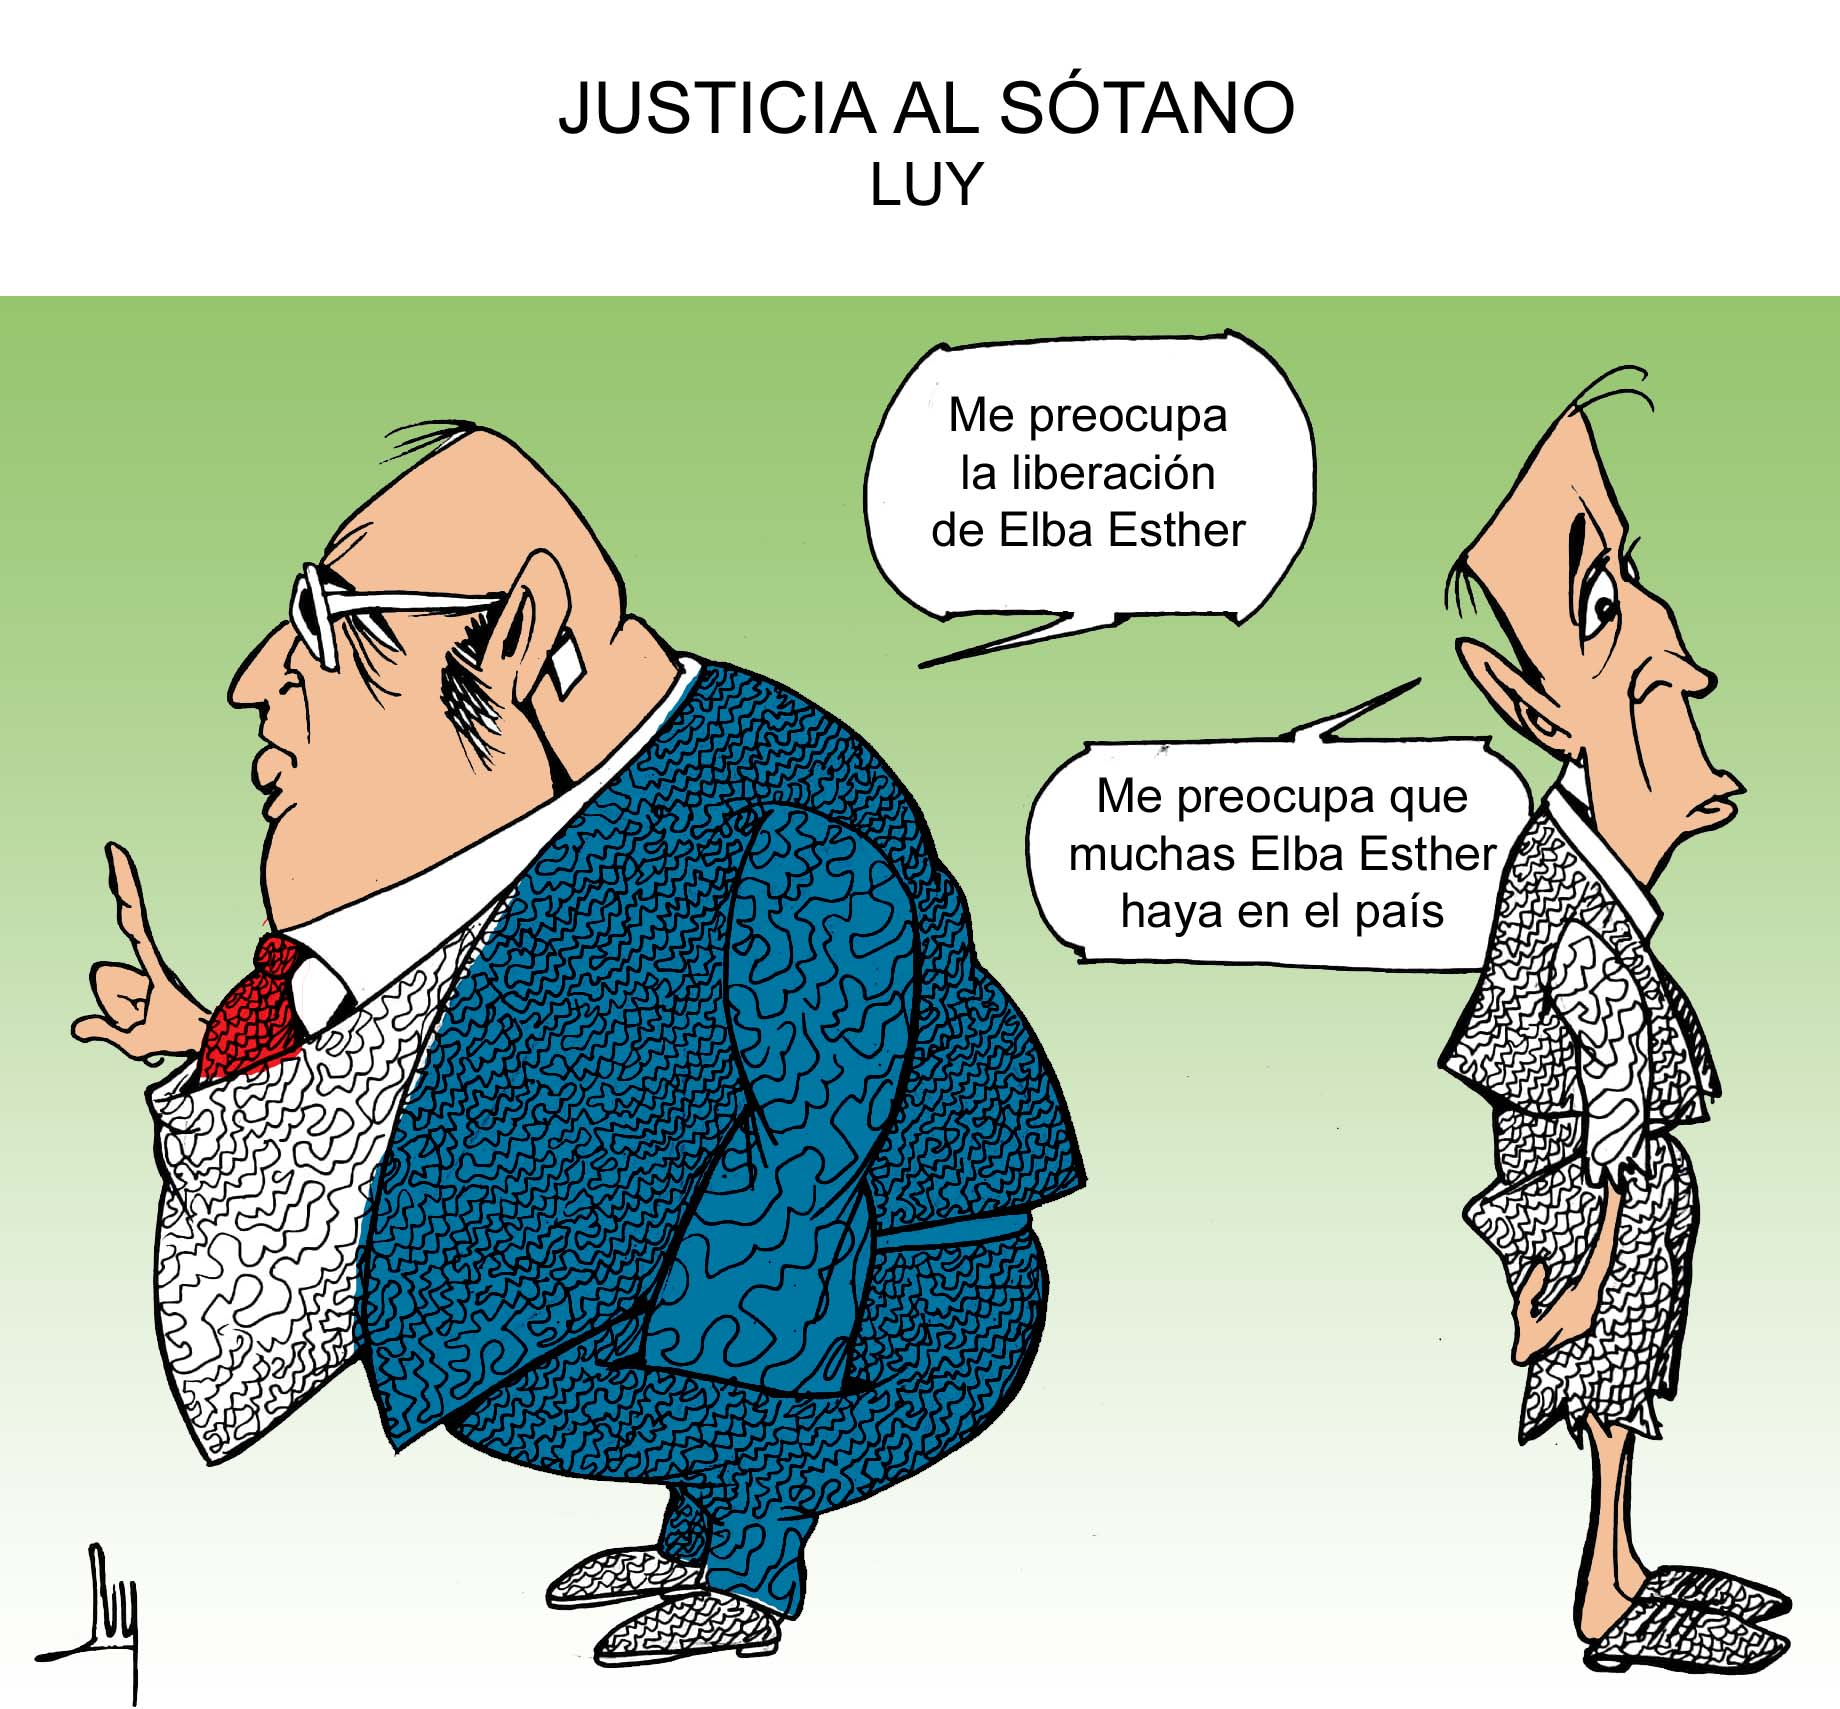 justicia-sotano